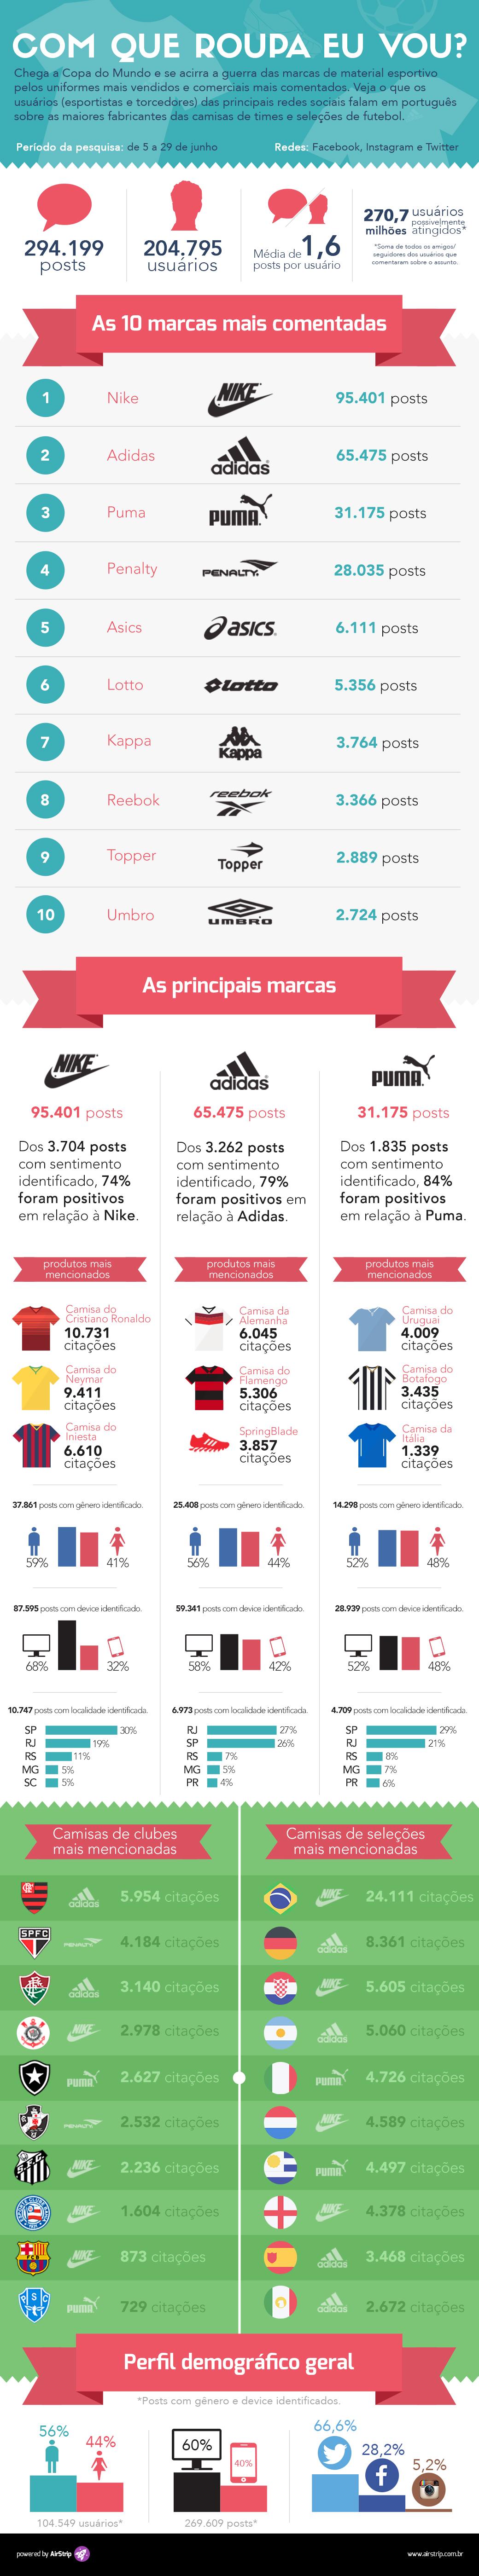 Patrocinadora da Copa, Adidas perde pra Nike em redes sociais [infográfico]